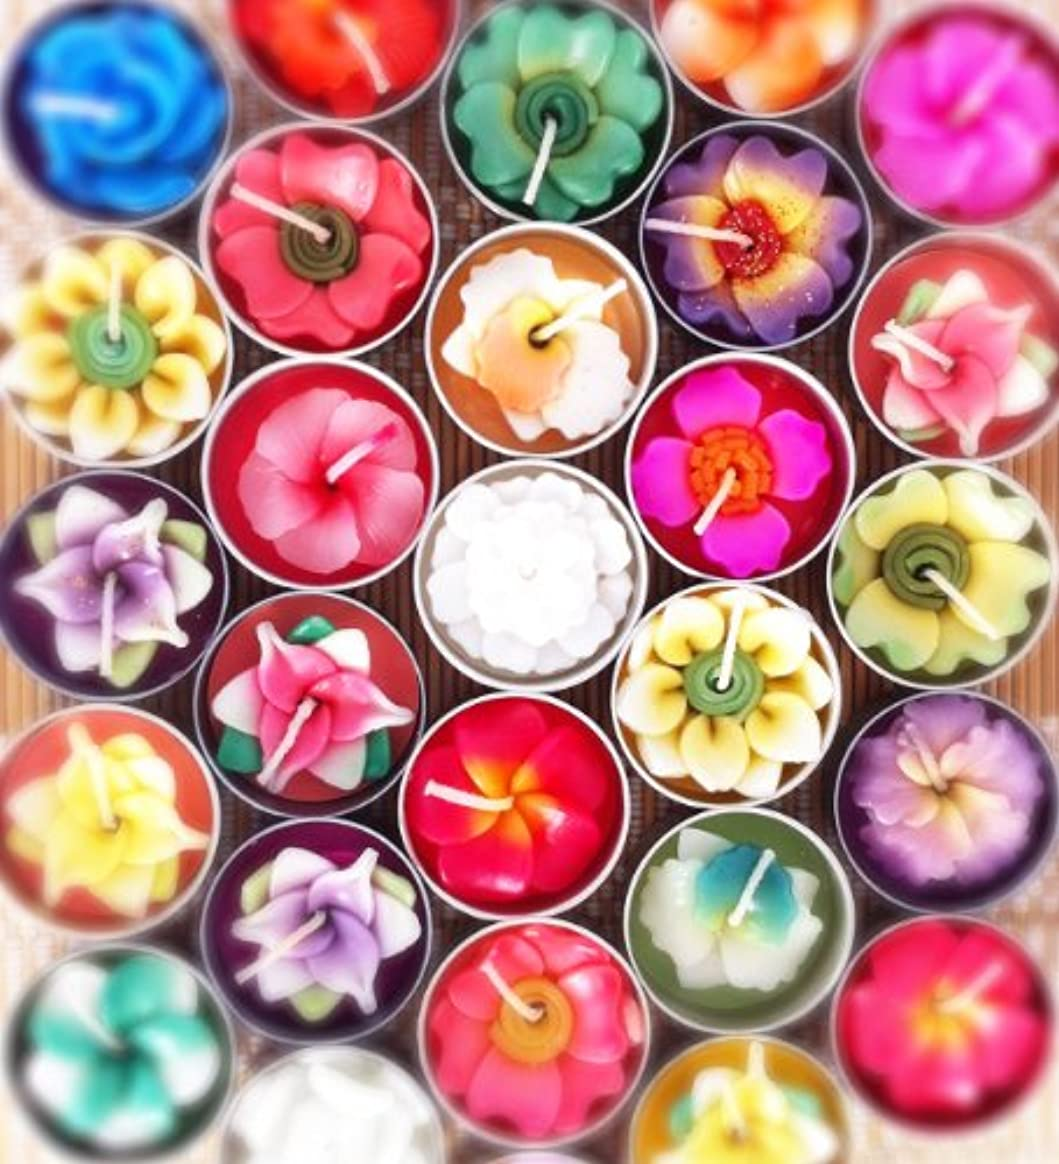 有害な軍団外部Tiddin Design【キャンドル】フラワーキャンドル/ティーライトキャンドル/ろうそく/花の香り/Flower Candle (10個入りお徳用パック)